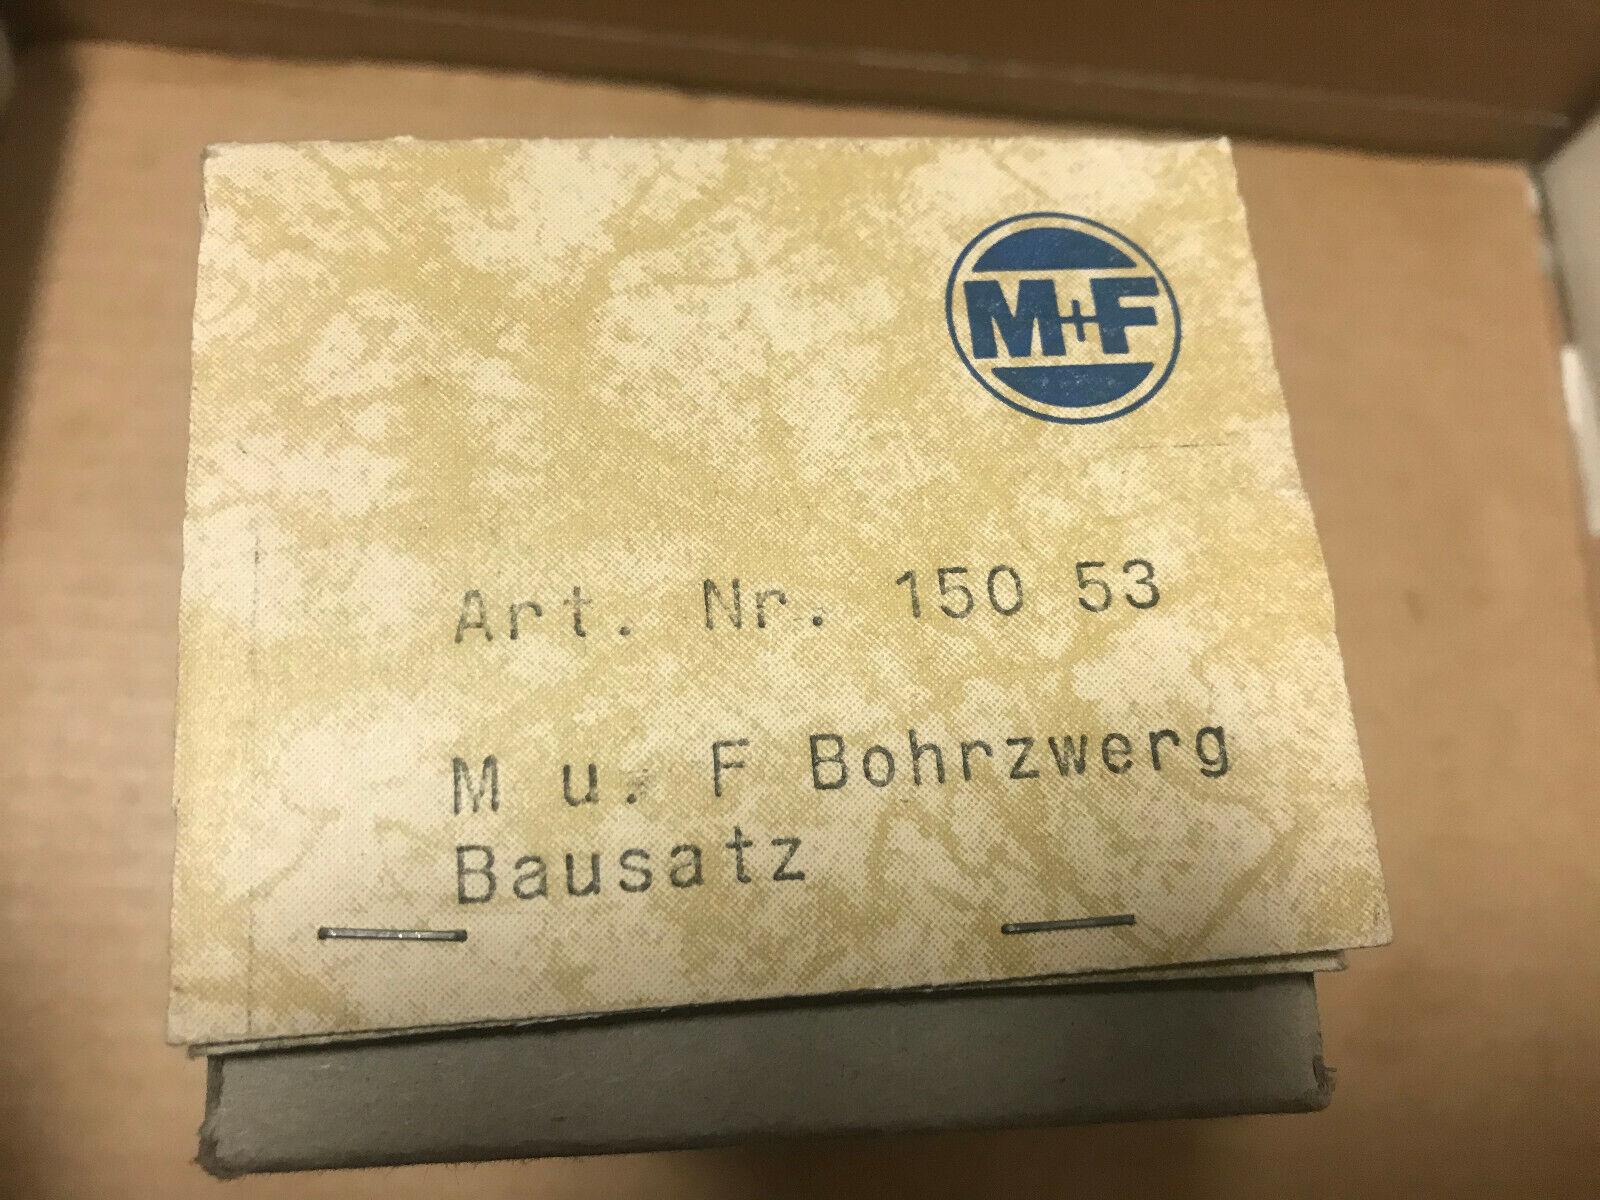 Merker + Fischer 150 53 Bausatz,Bohrzwerg Spur H0 NEU + OVP